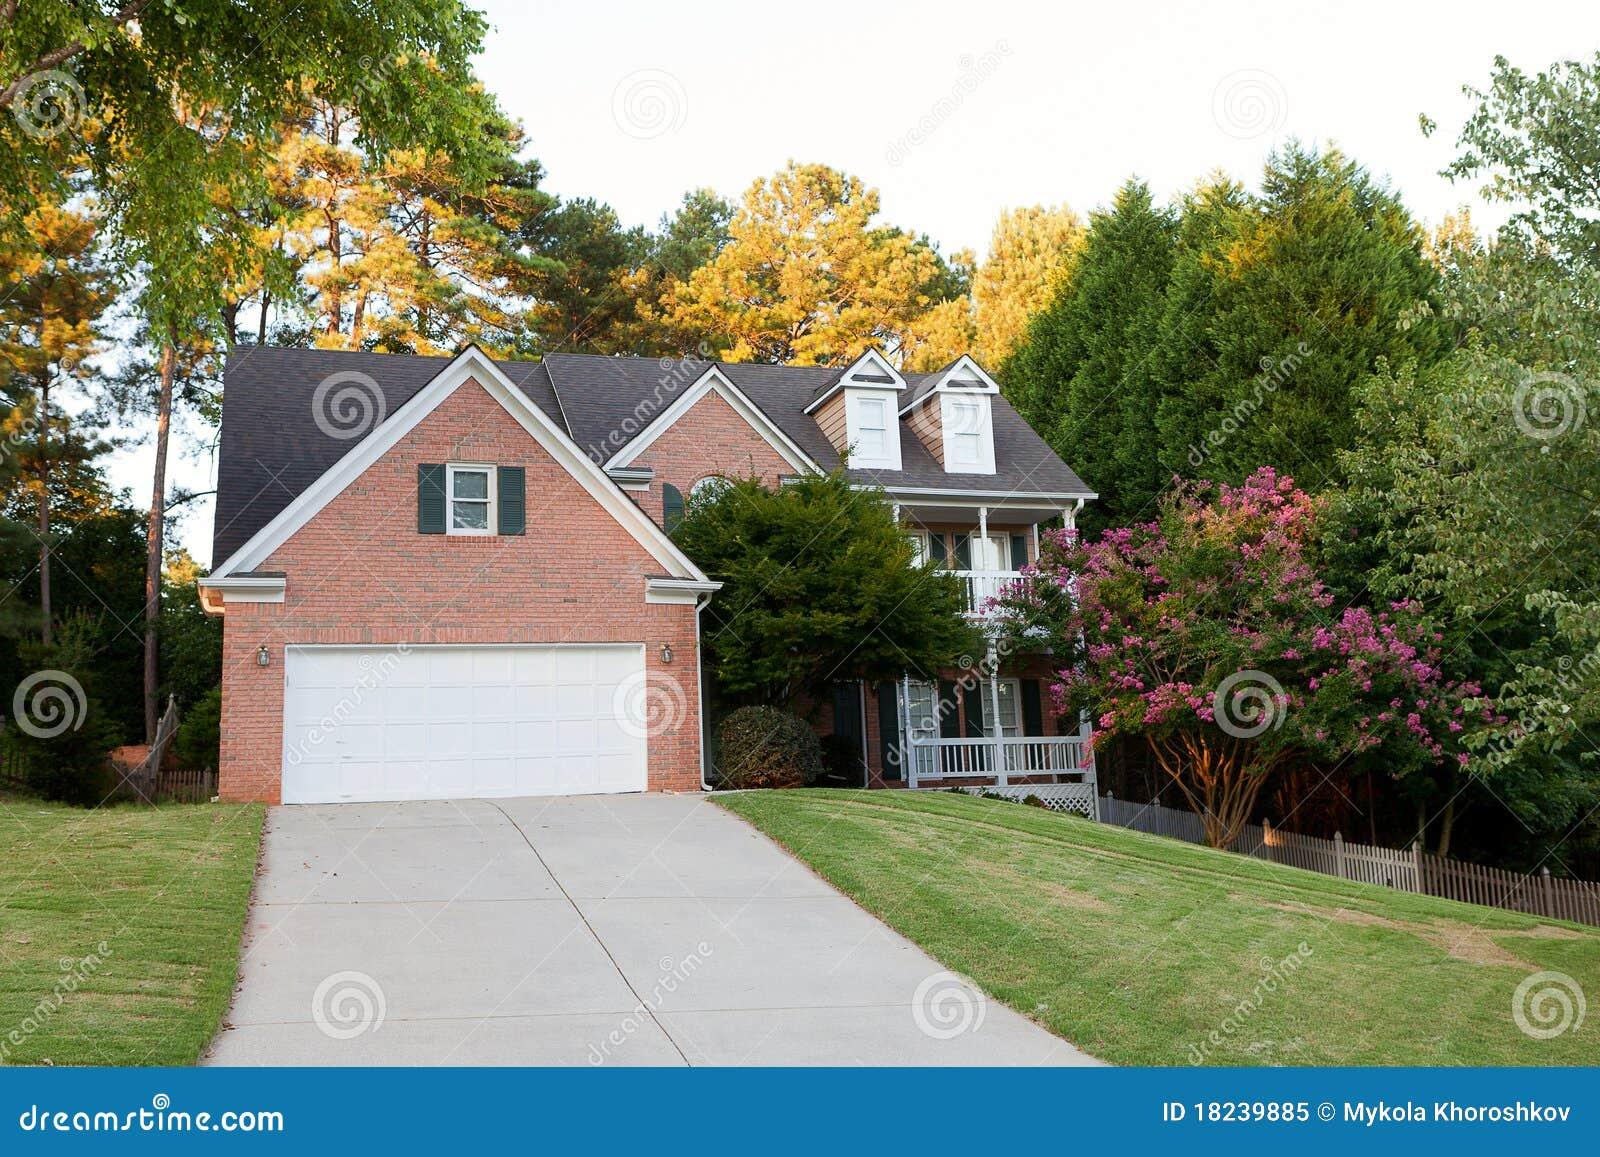 Download Typisch Amerikaans huis stock afbeelding. Afbeelding bestaande uit deur - 18239885